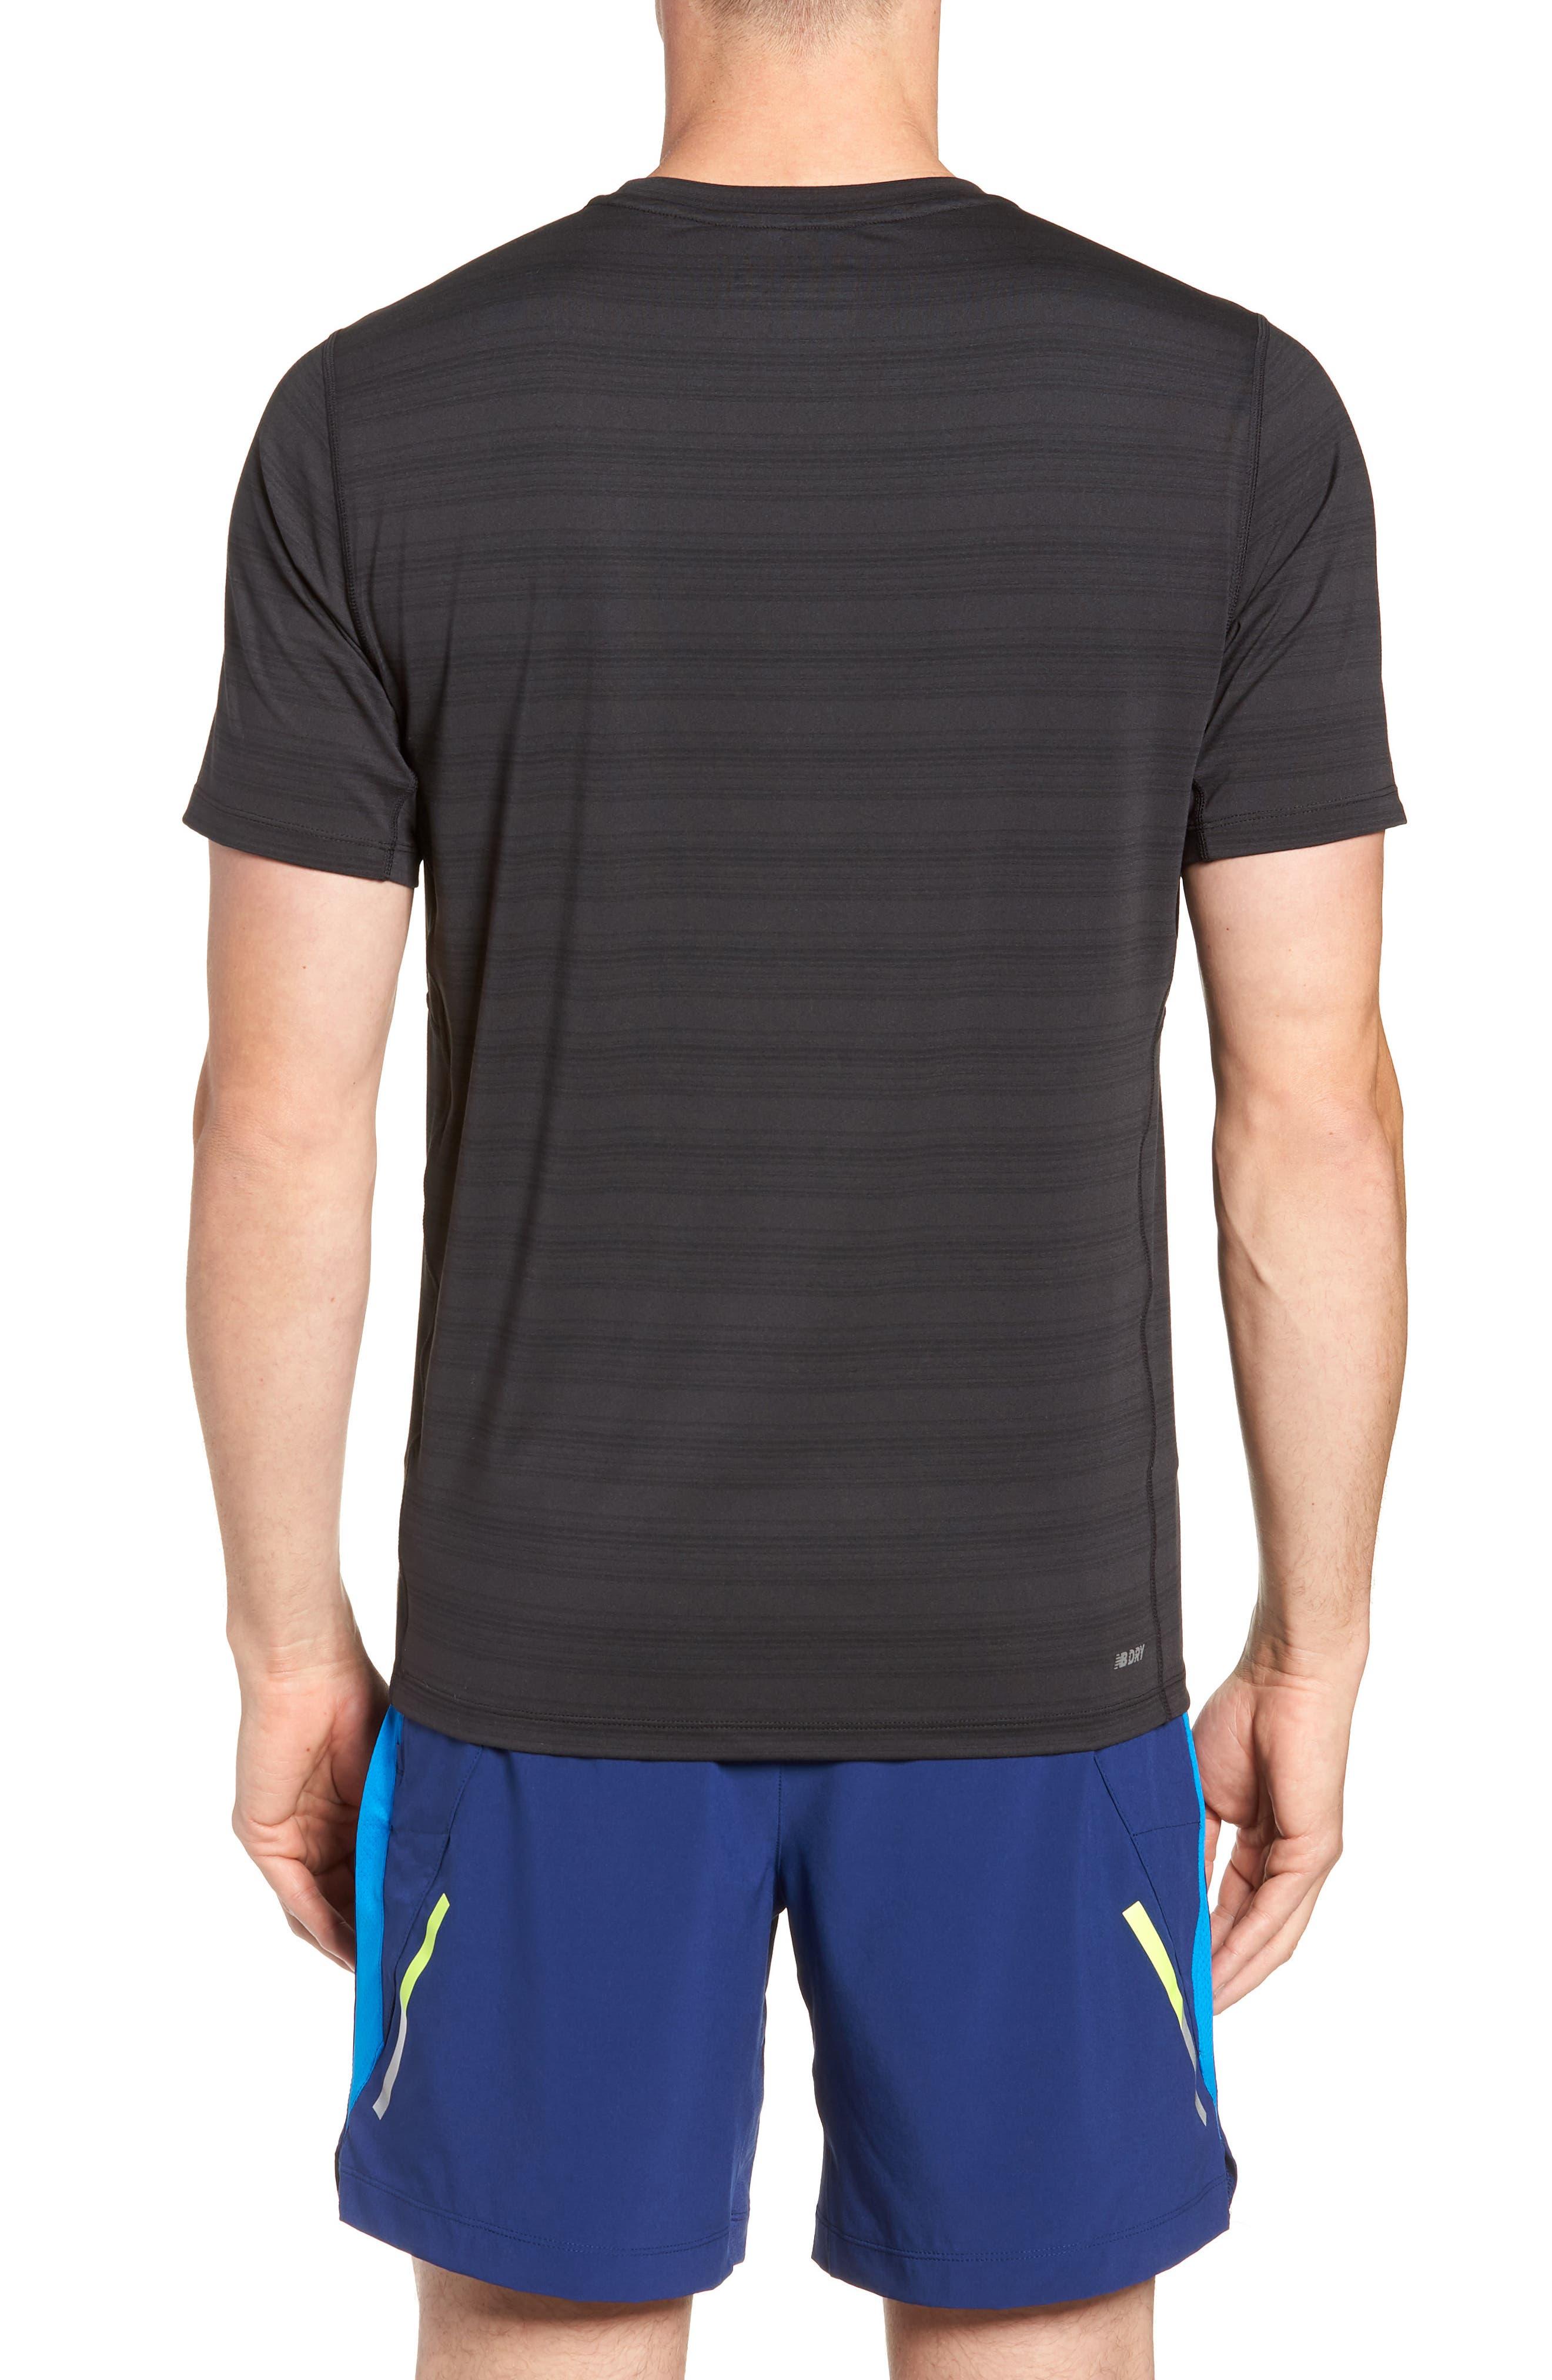 Anticipate Performance T-Shirt,                             Alternate thumbnail 2, color,                             BLACK